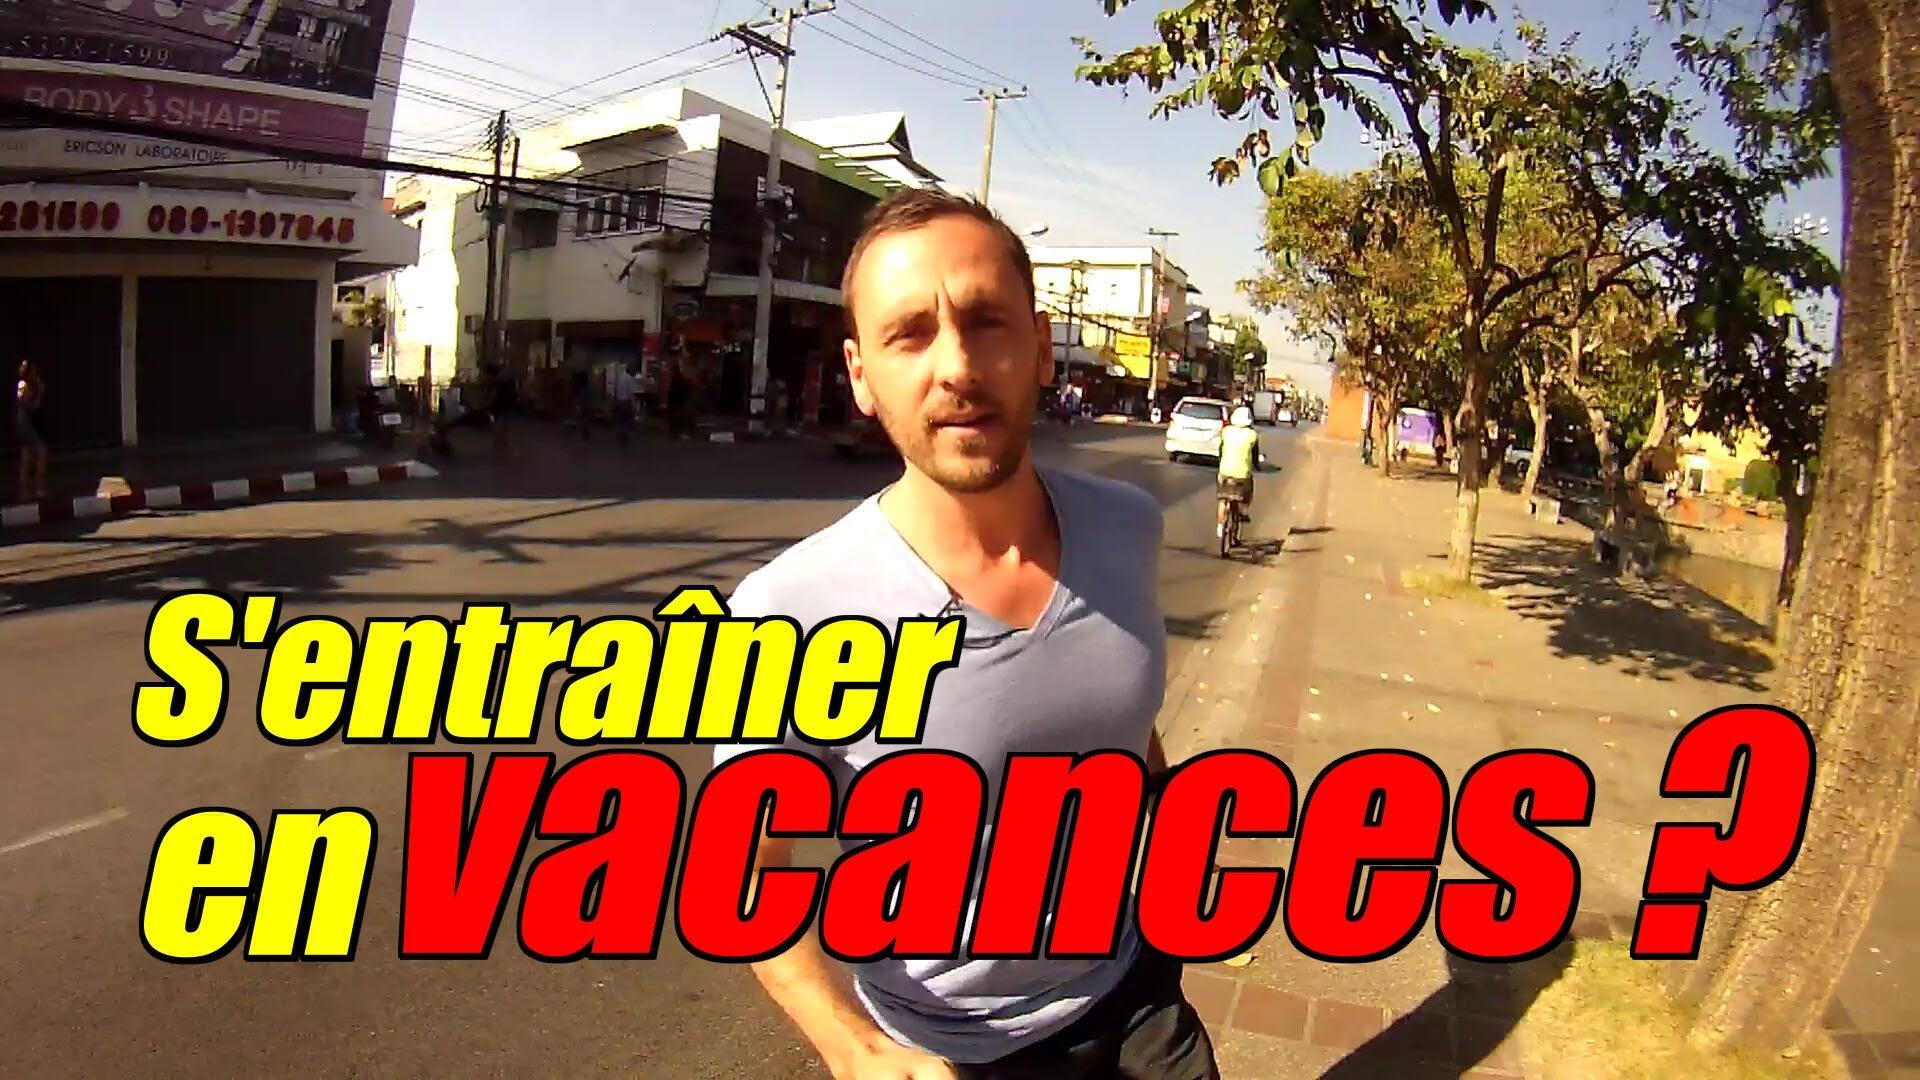 Faut Il Absolument S'entraîner En Vacances ?